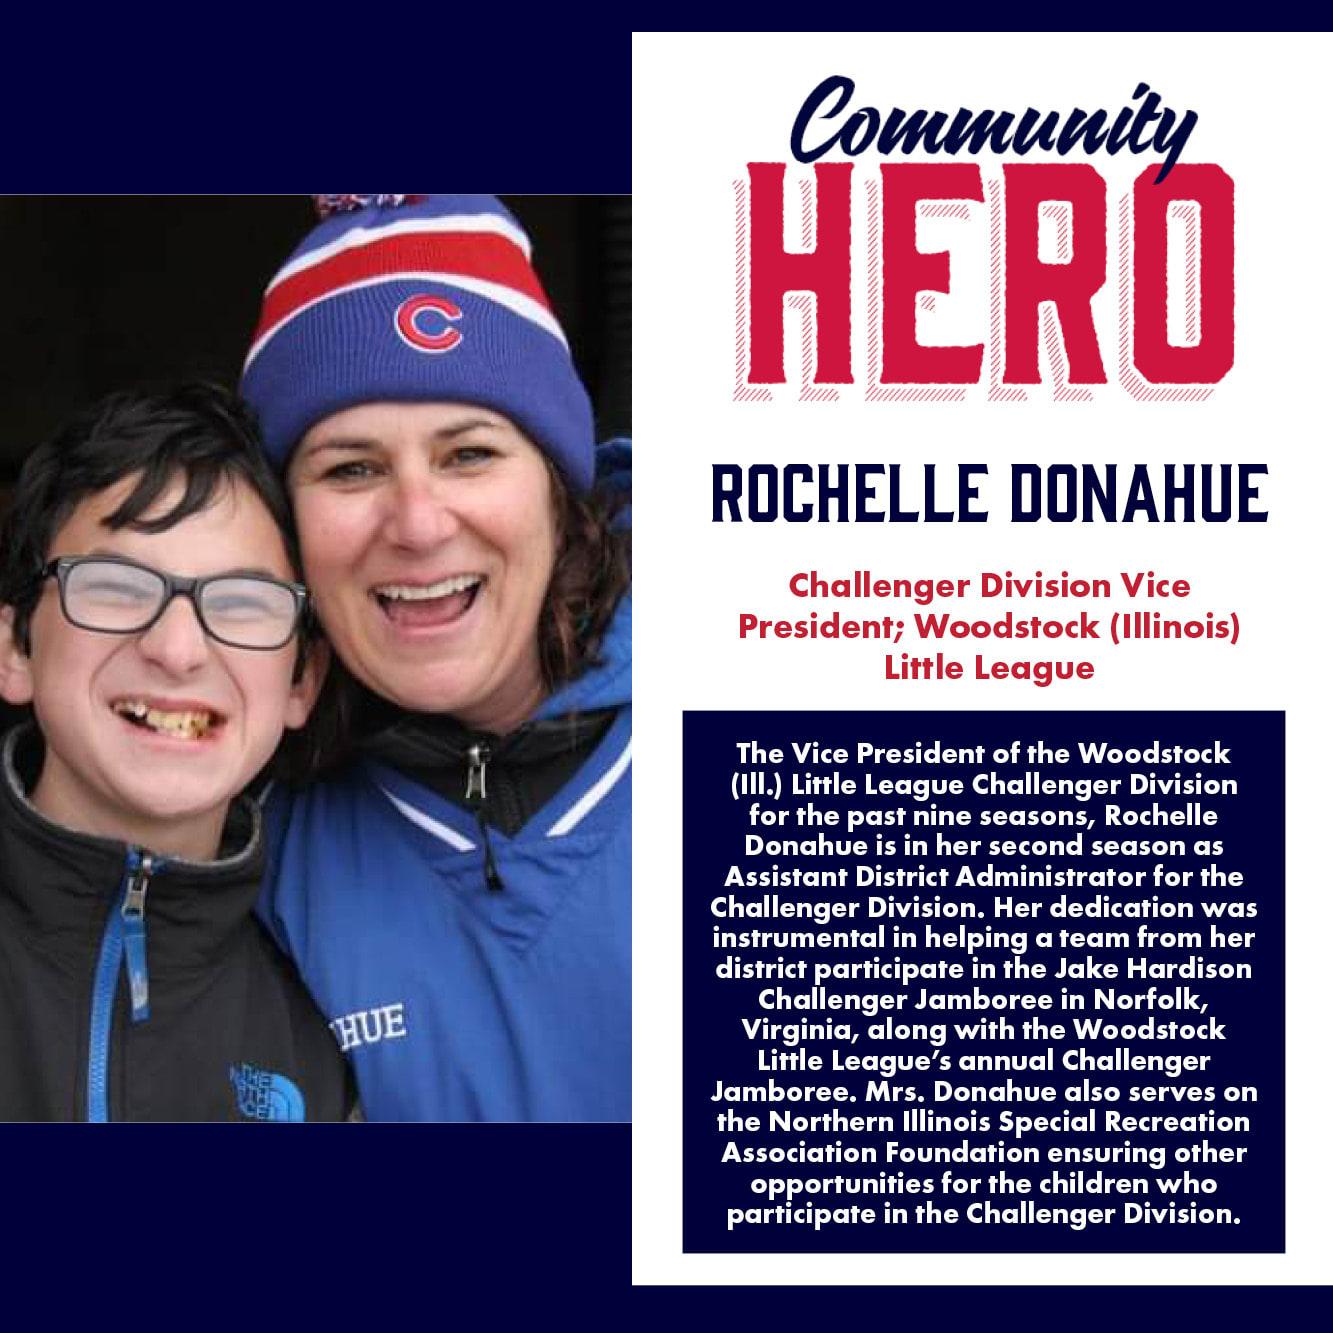 Rochelle Donahue Community Hero